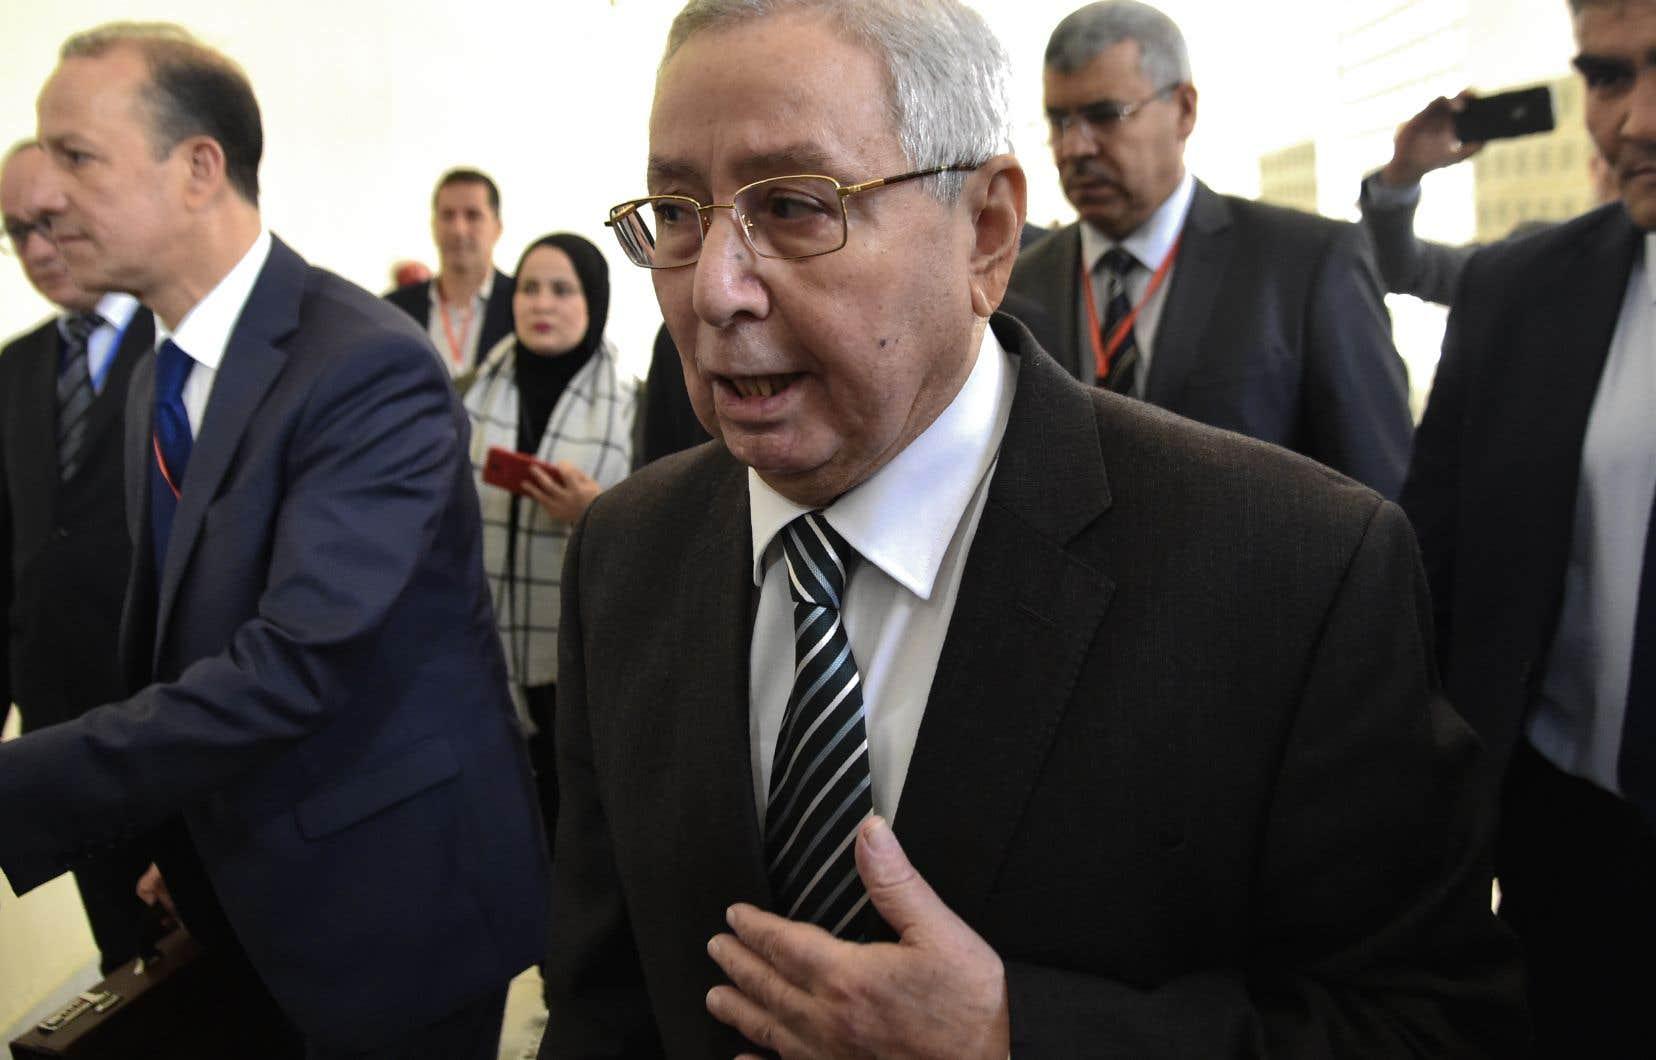 M.Bensalah, président de la Chambre haute du Parlement, a été désigné chef de l'État par intérim le 9 avril, une semaine après la démission du président Abdelaziz Bouteflika, après 20 ans au pouvoir, sous la pression de la rue et de l'armée.